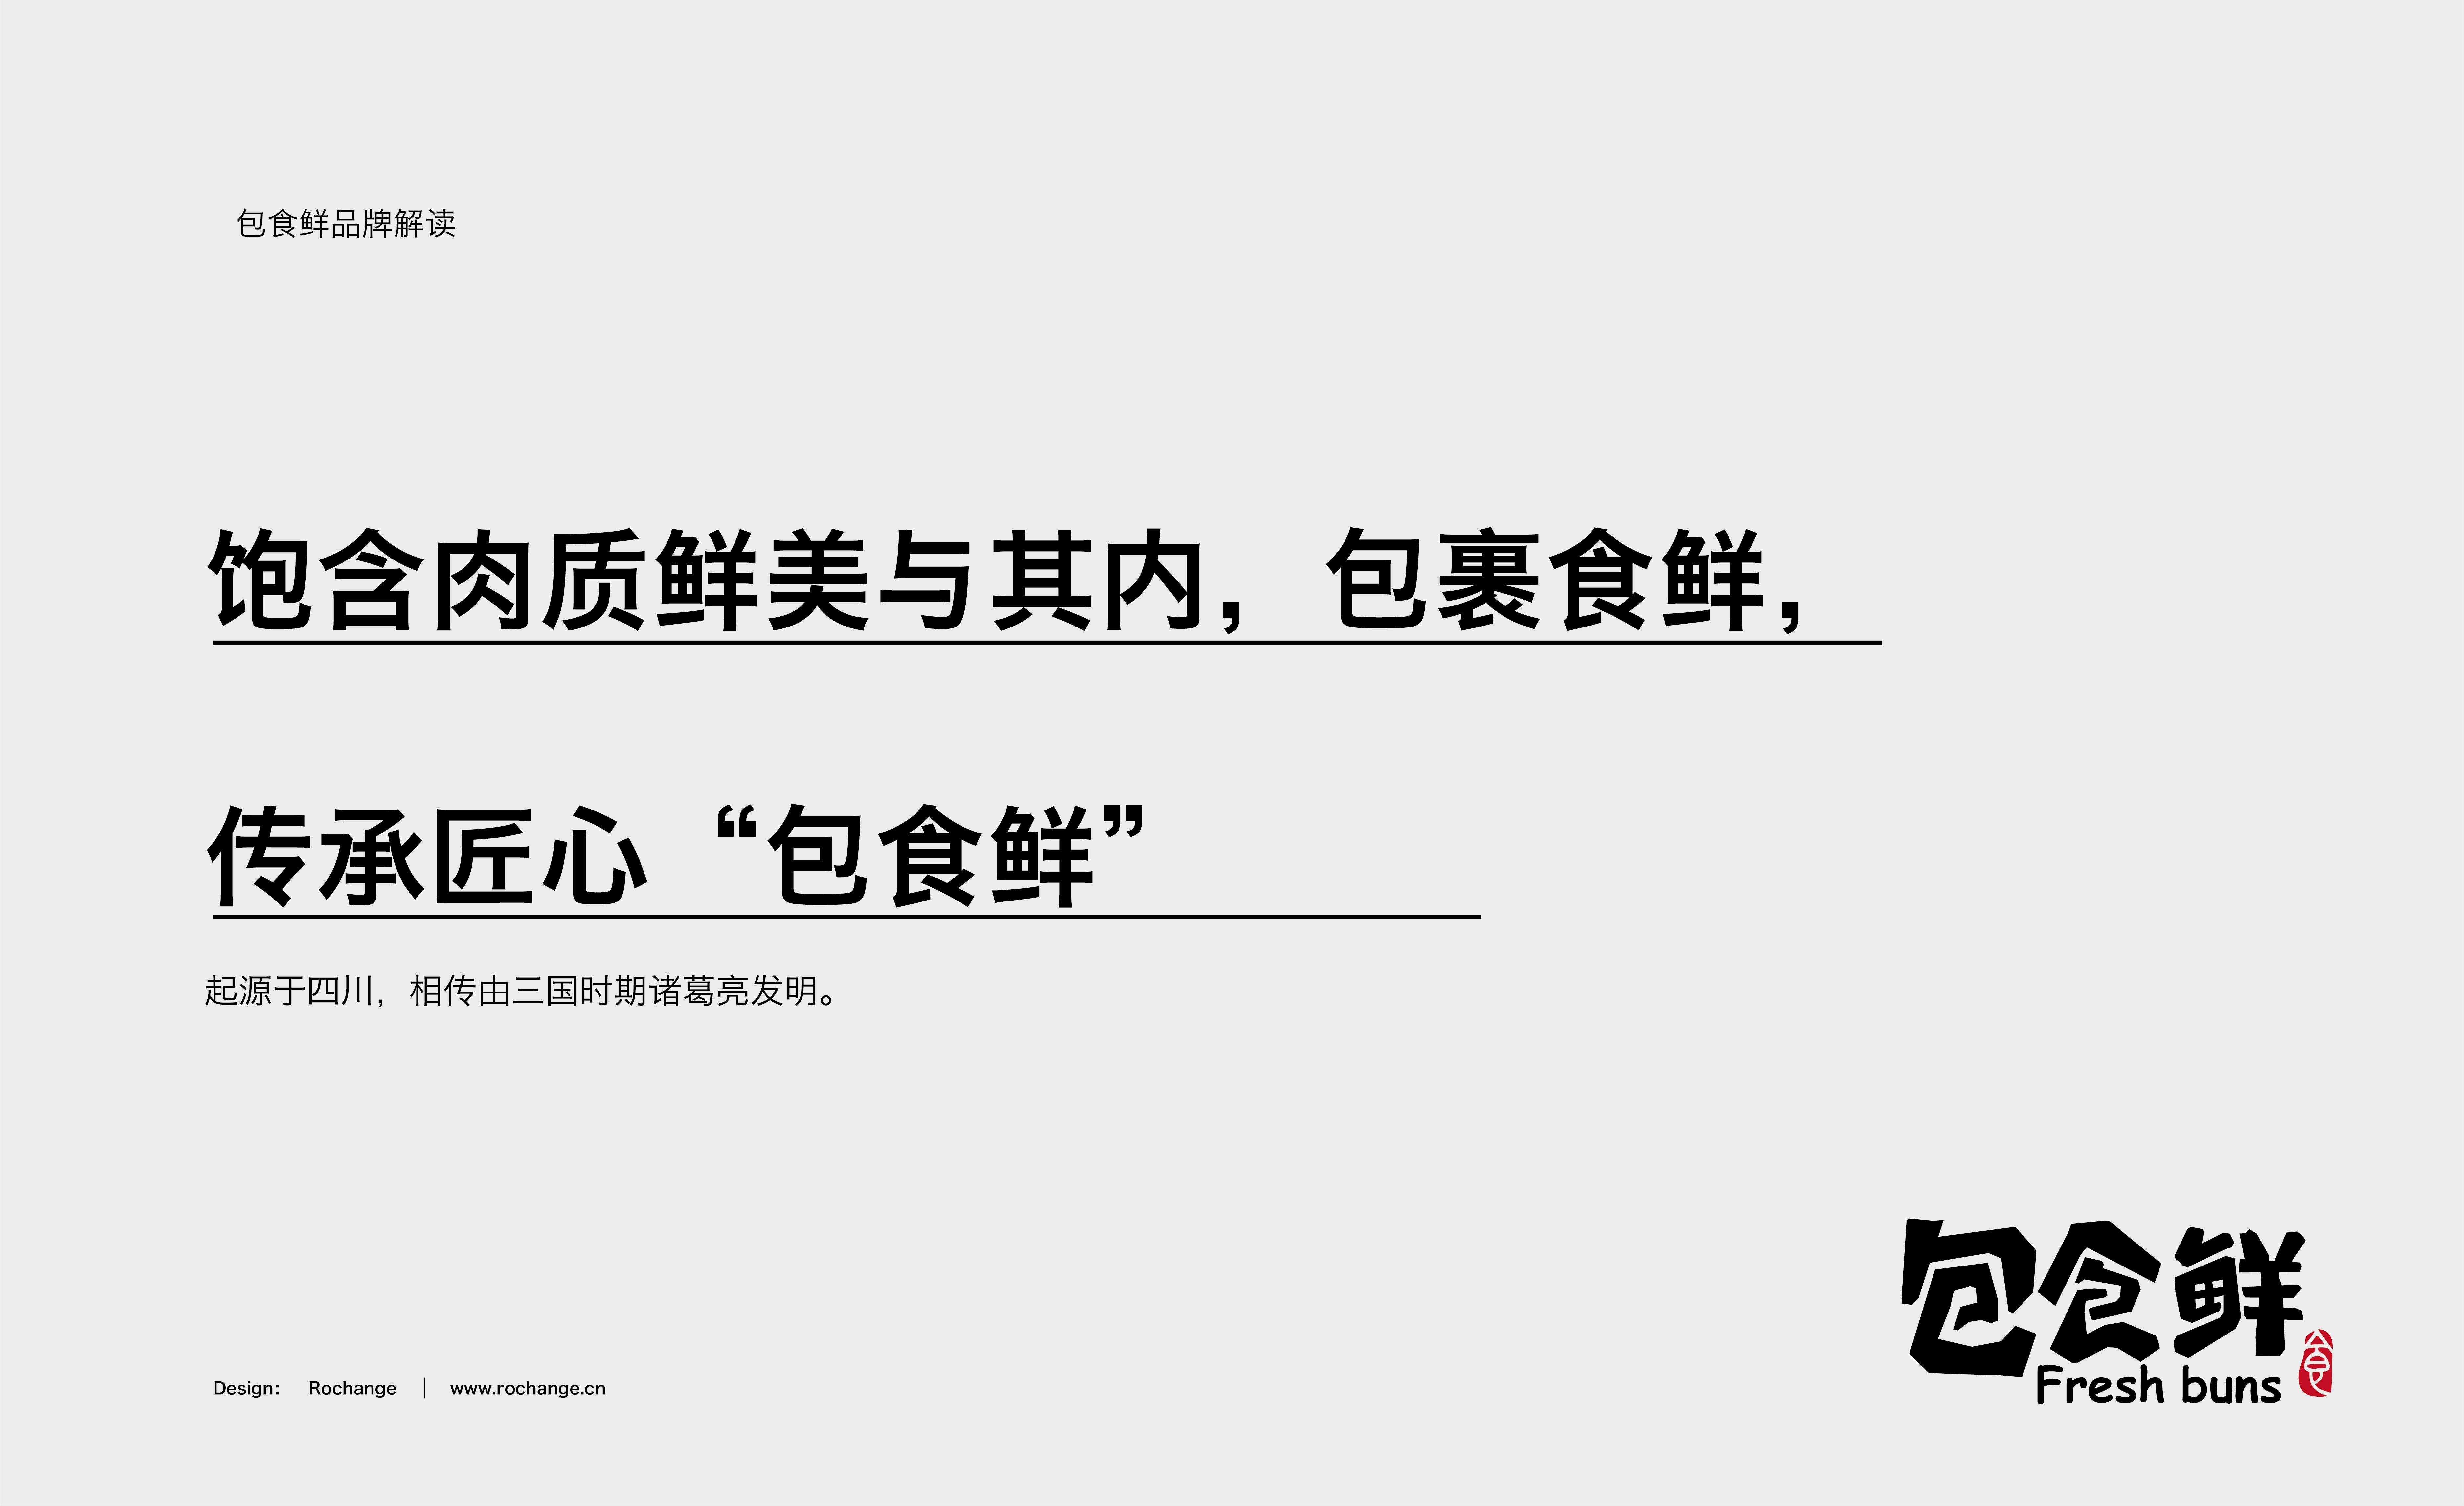 包食鲜_画板 1.jpg